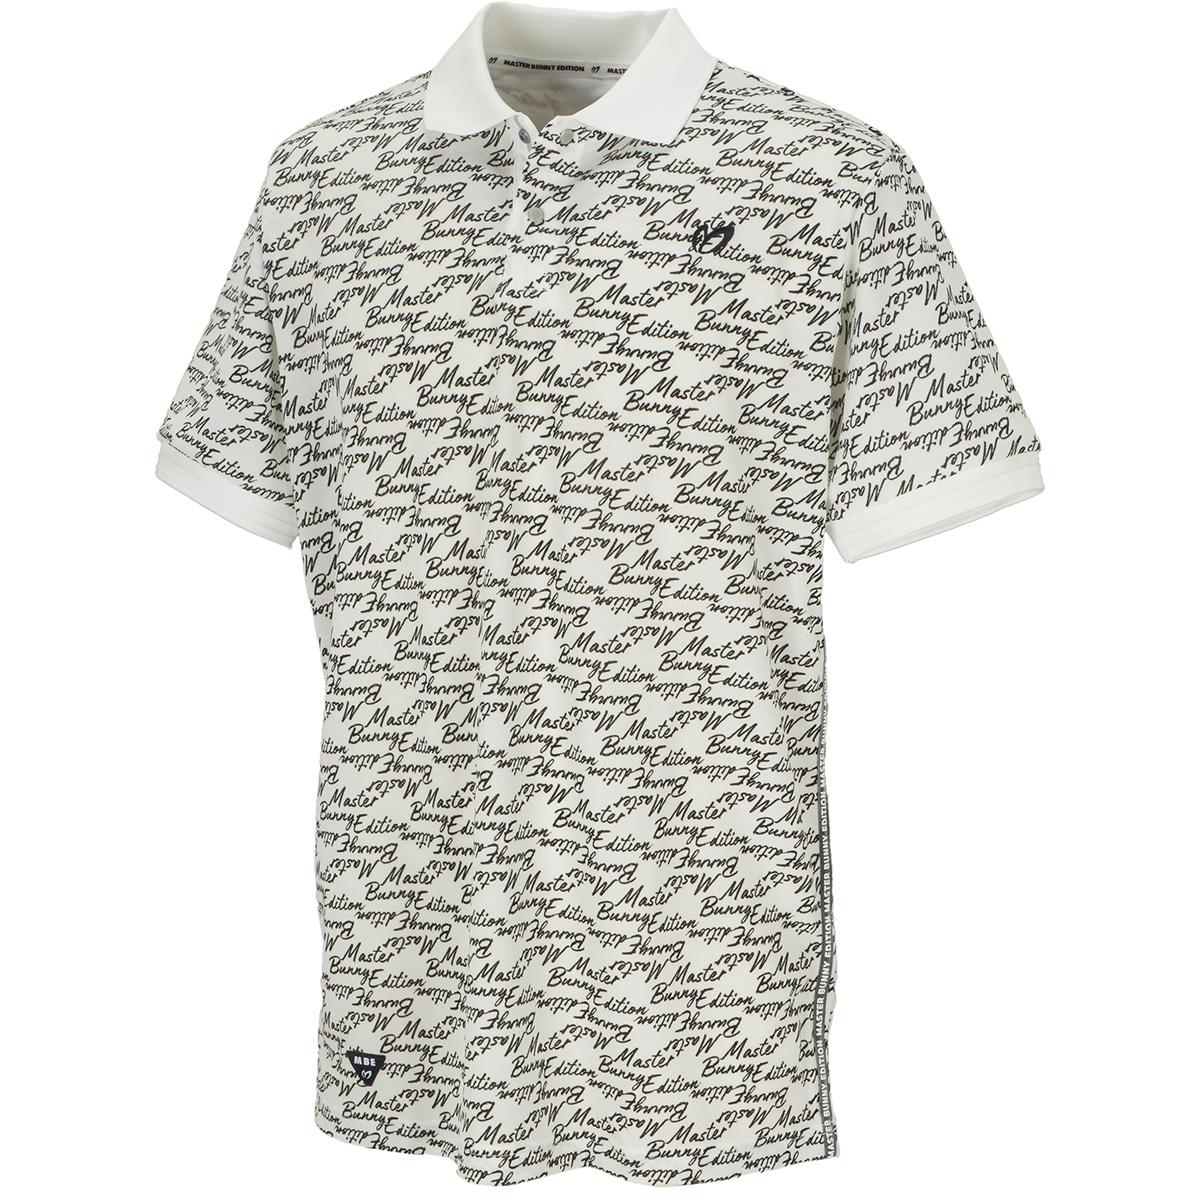 筆記体ロゴプリント エコペットTF×Eフィラメント鹿の子半袖ポロシャツ